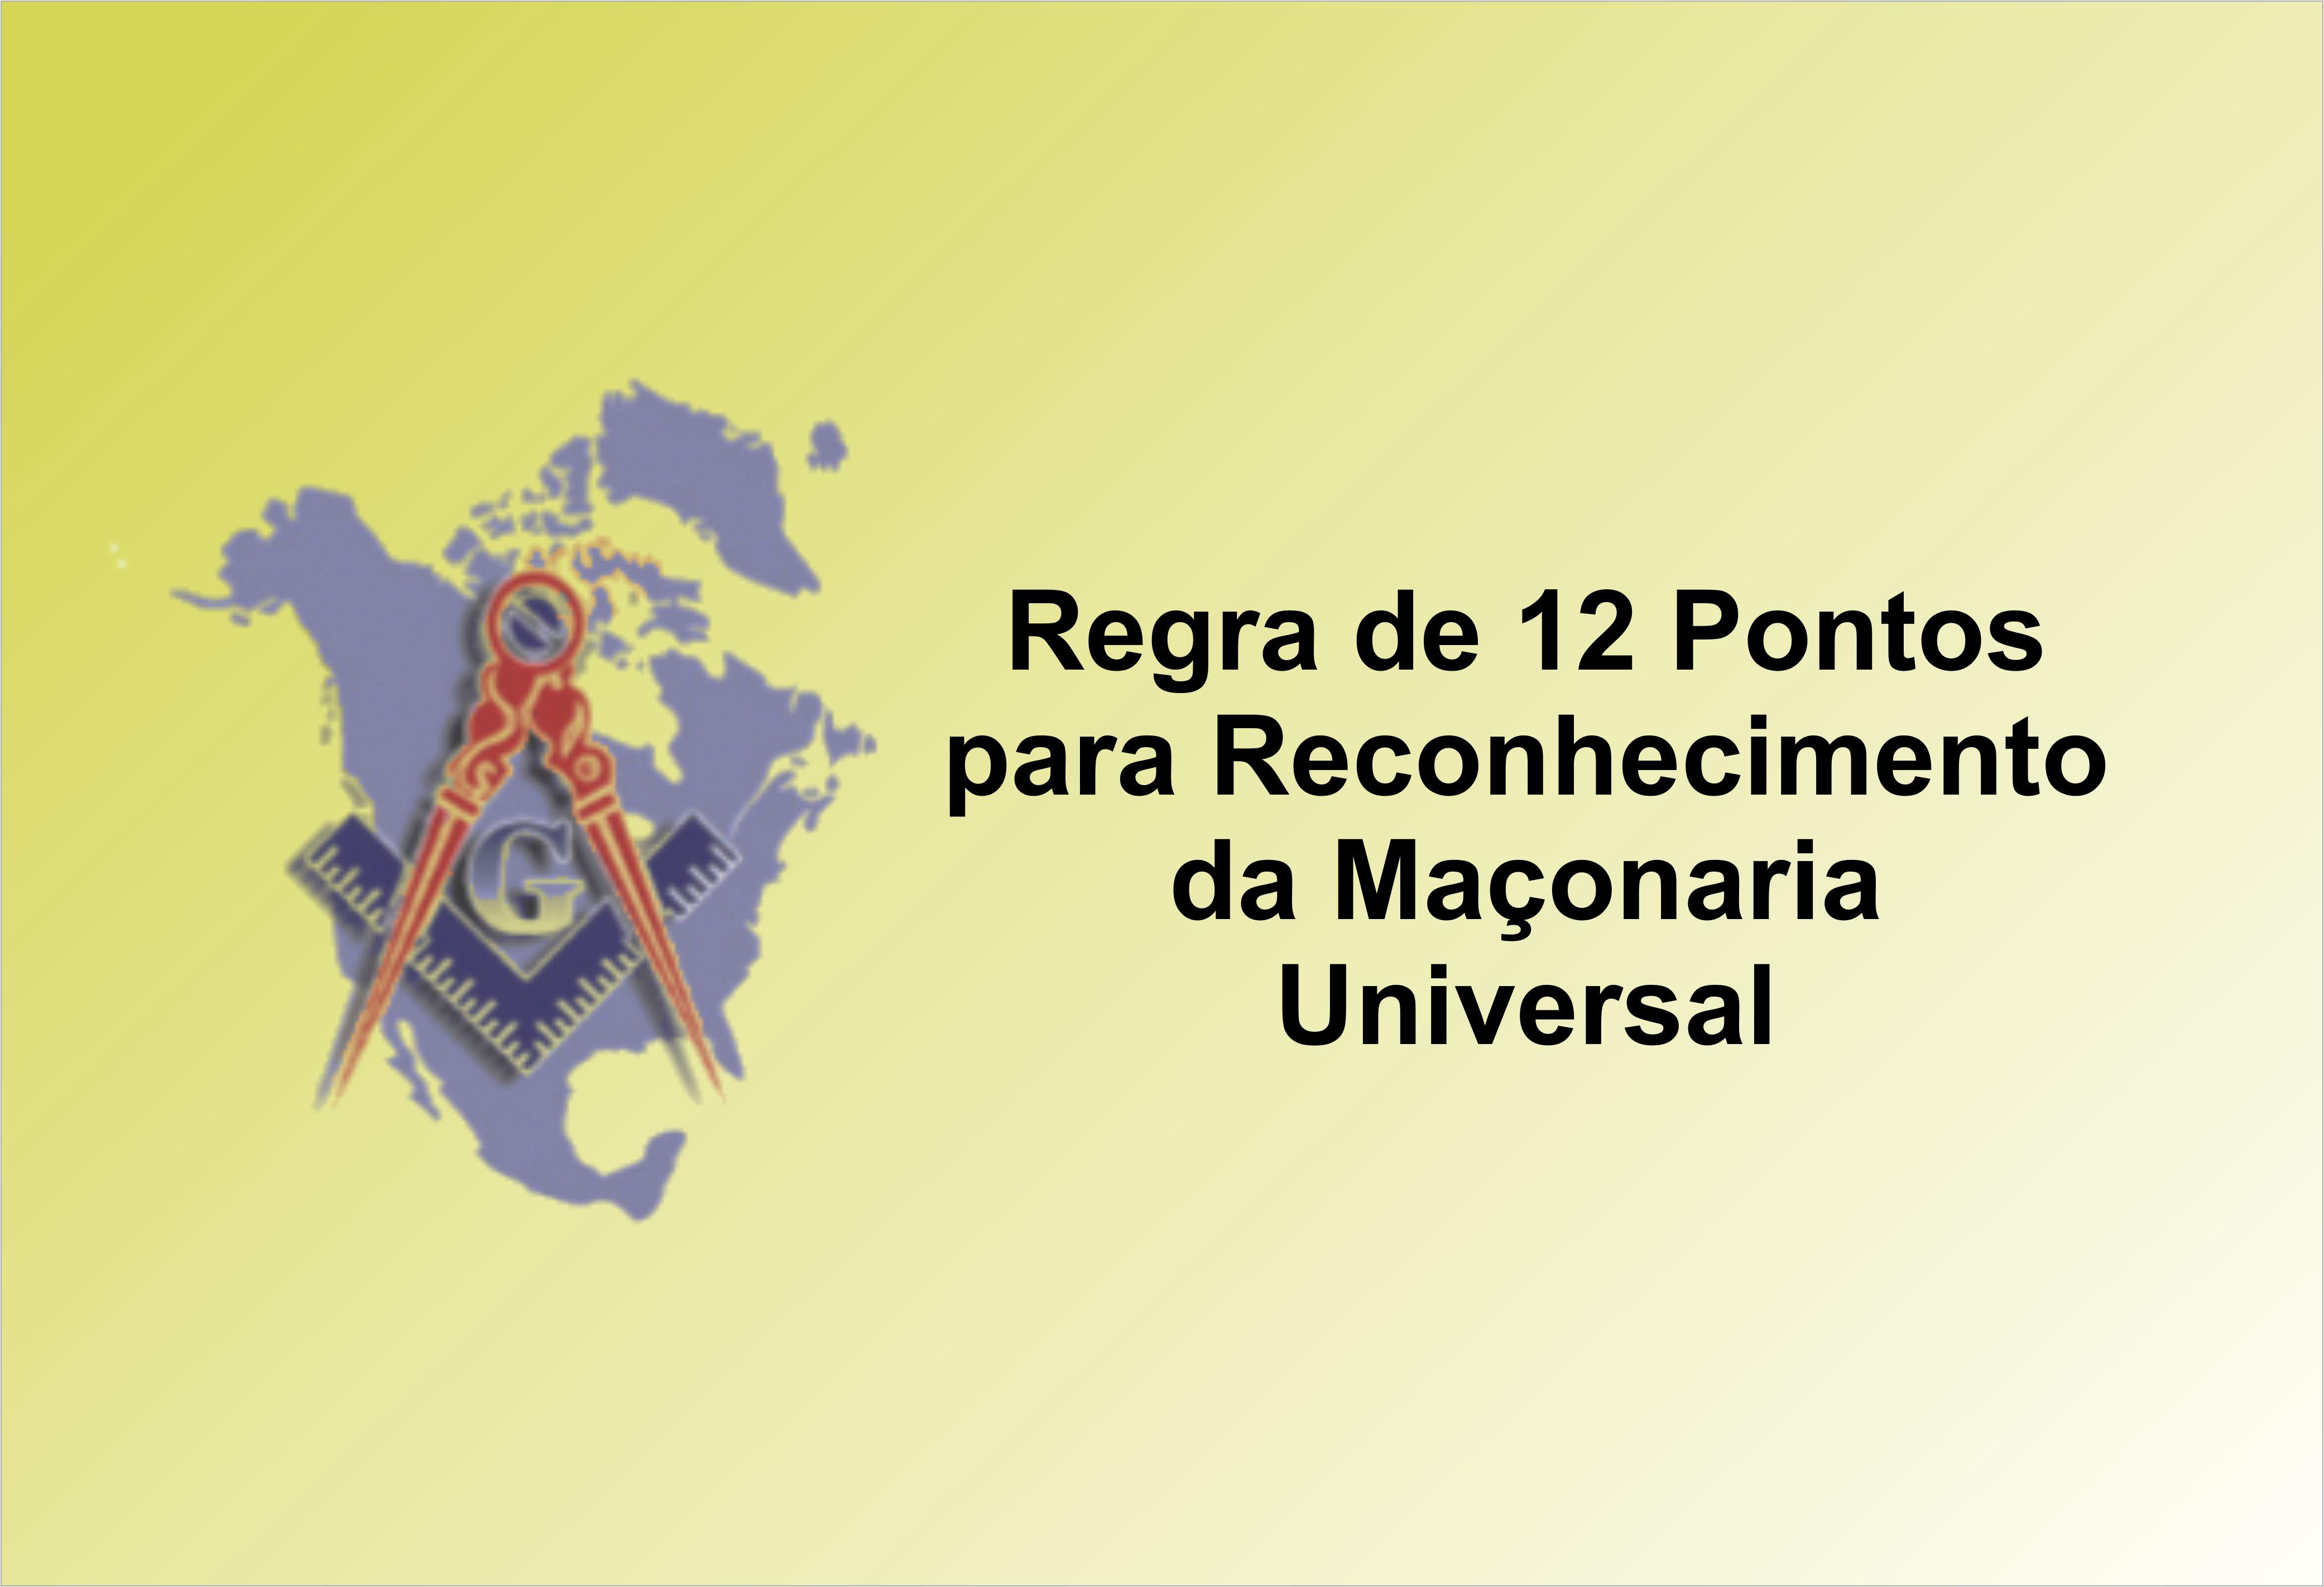 Regra 12 pontos Maçonaria Universal